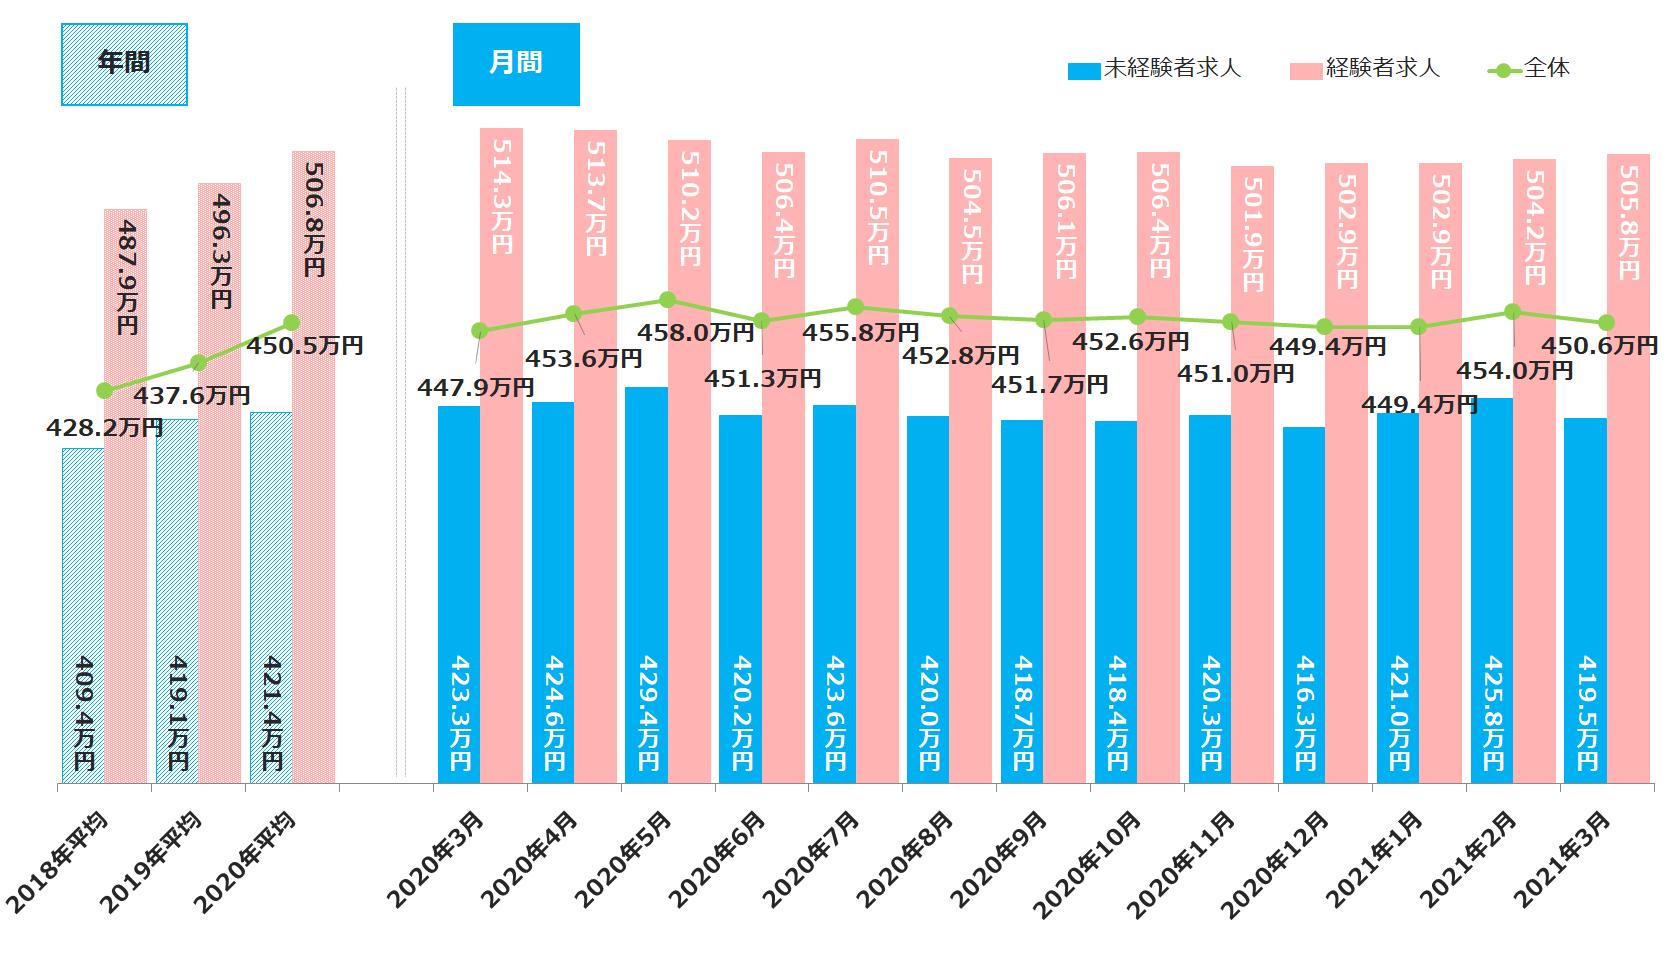 <全国>募集条件別平均初年度年収推移